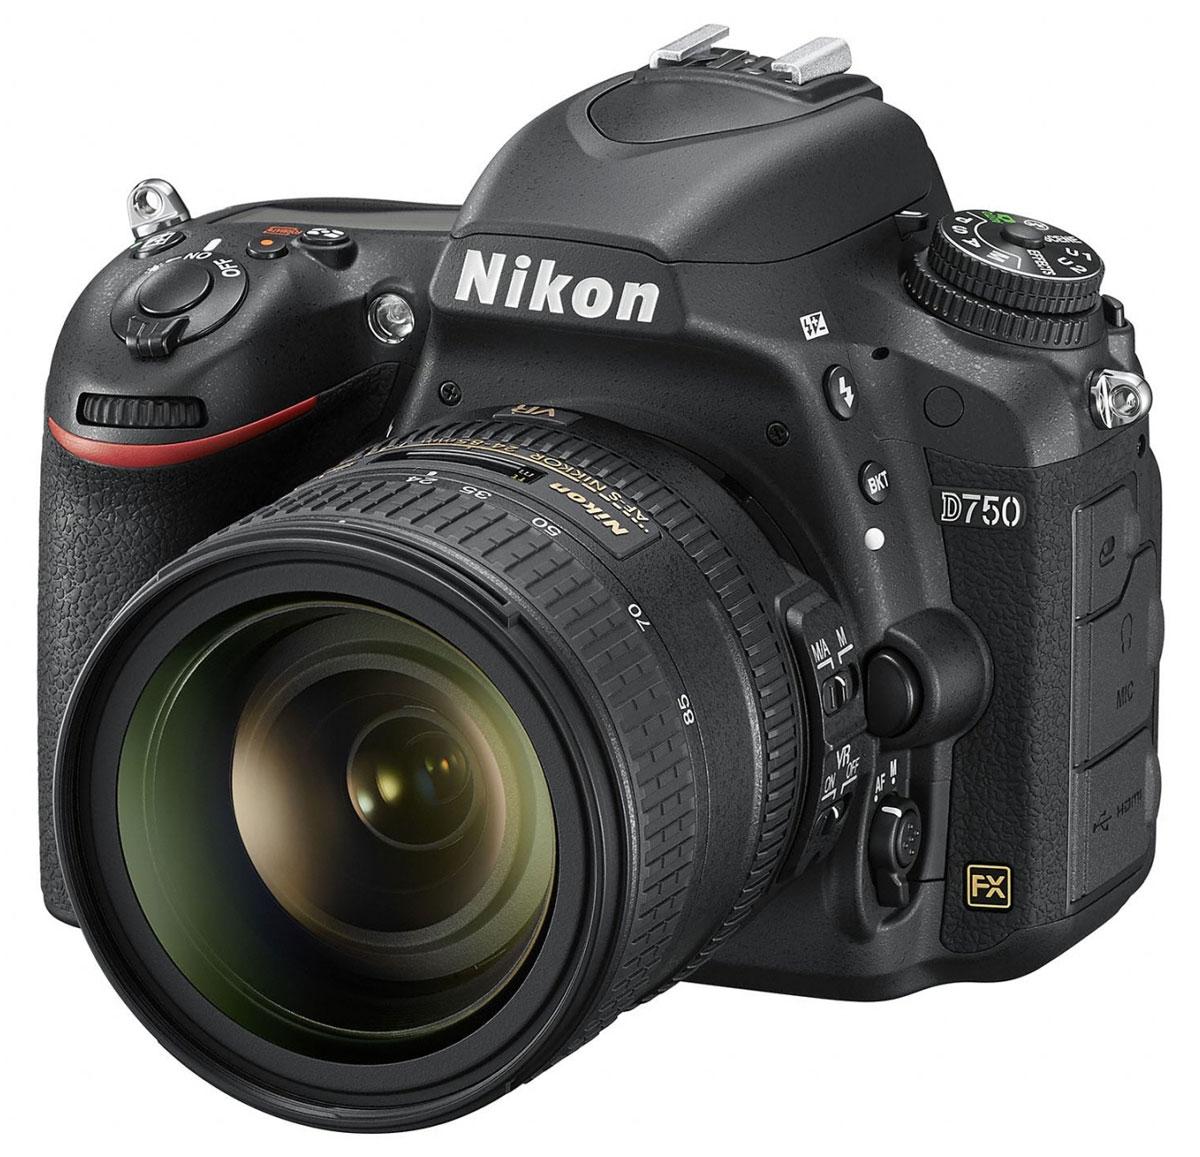 Nikon D750 Kit 24-85 VR, Black цифровая зеркальная фотокамераVBA420K001Раскройте свое видение мира благодаря универсальной модели Nikon D750 с гибкими настройками и высокой скоростью съемки. Откройте для себя мир неограниченных возможностей: дерзайте и побеждайте с помощью полнокадровой 24,3-мегапиксельной фотокамеры.Новая конструкция матрицы формата FX обеспечивает исключительное качество изображения и как никогда четкие результаты при больших значениях чувствительности ISO. Феноменально точная автофокусировка, высокая скорость серийной съемки (6,5 кадра в секунду), возможность записи видеороликов в формате Full HD (1080/60p) и наклонный экран предоставляют фотографу полную свободу для творчества. Используйте встроенный модуль Wi-Fi и мгновенно делитесь впечатляющими снимками.Система АФ Multi-CAM 3500FX с 51-й точкой гарантирует превосходную точность на всех участках полнокадрового снимка. Система обеспечивает переключение между 9-, 21- и 51-точечным покрытием кадра и сохраняет чувствительность вплоть до -3 EV (ISO 100, 20 °C). Быстрая блокировка и расширенная функциональность «Сохранение по ориентации». Пятнадцать датчиков перекрестного типа в центре совместимы с объективами AF NIKKOR, имеющими диафрагму f/5,6 или более светосильными, а 11 центральных точек фокусировки работают с диафрагмой f/8.В режиме групповой АФ непрерывно осуществляется мониторинг пяти разных областей АФ, а также обеспечиваются быстрое наведение на объект съемки и улучшенная изоляция фона в случае съемки сравнительно небольших объектов на высококонтрастном или отвлекающем фоне. 5-точечную зону АФ можно перемещать в пределах 51?точечного массива в соответствии с компоновкой кадра.Фотокамера поддерживает разные кадровые форматы для трансляции качественного D-видео, позволяющие вести съемку видеороликов в различных условиях. Фотокамера D750 записывает видеоролики Full HD (1080p) в форматах FX и DX с частотой кадров 50p/60p; при этом уровень шума, муара и искажения цветов намного ниже. Эта модель